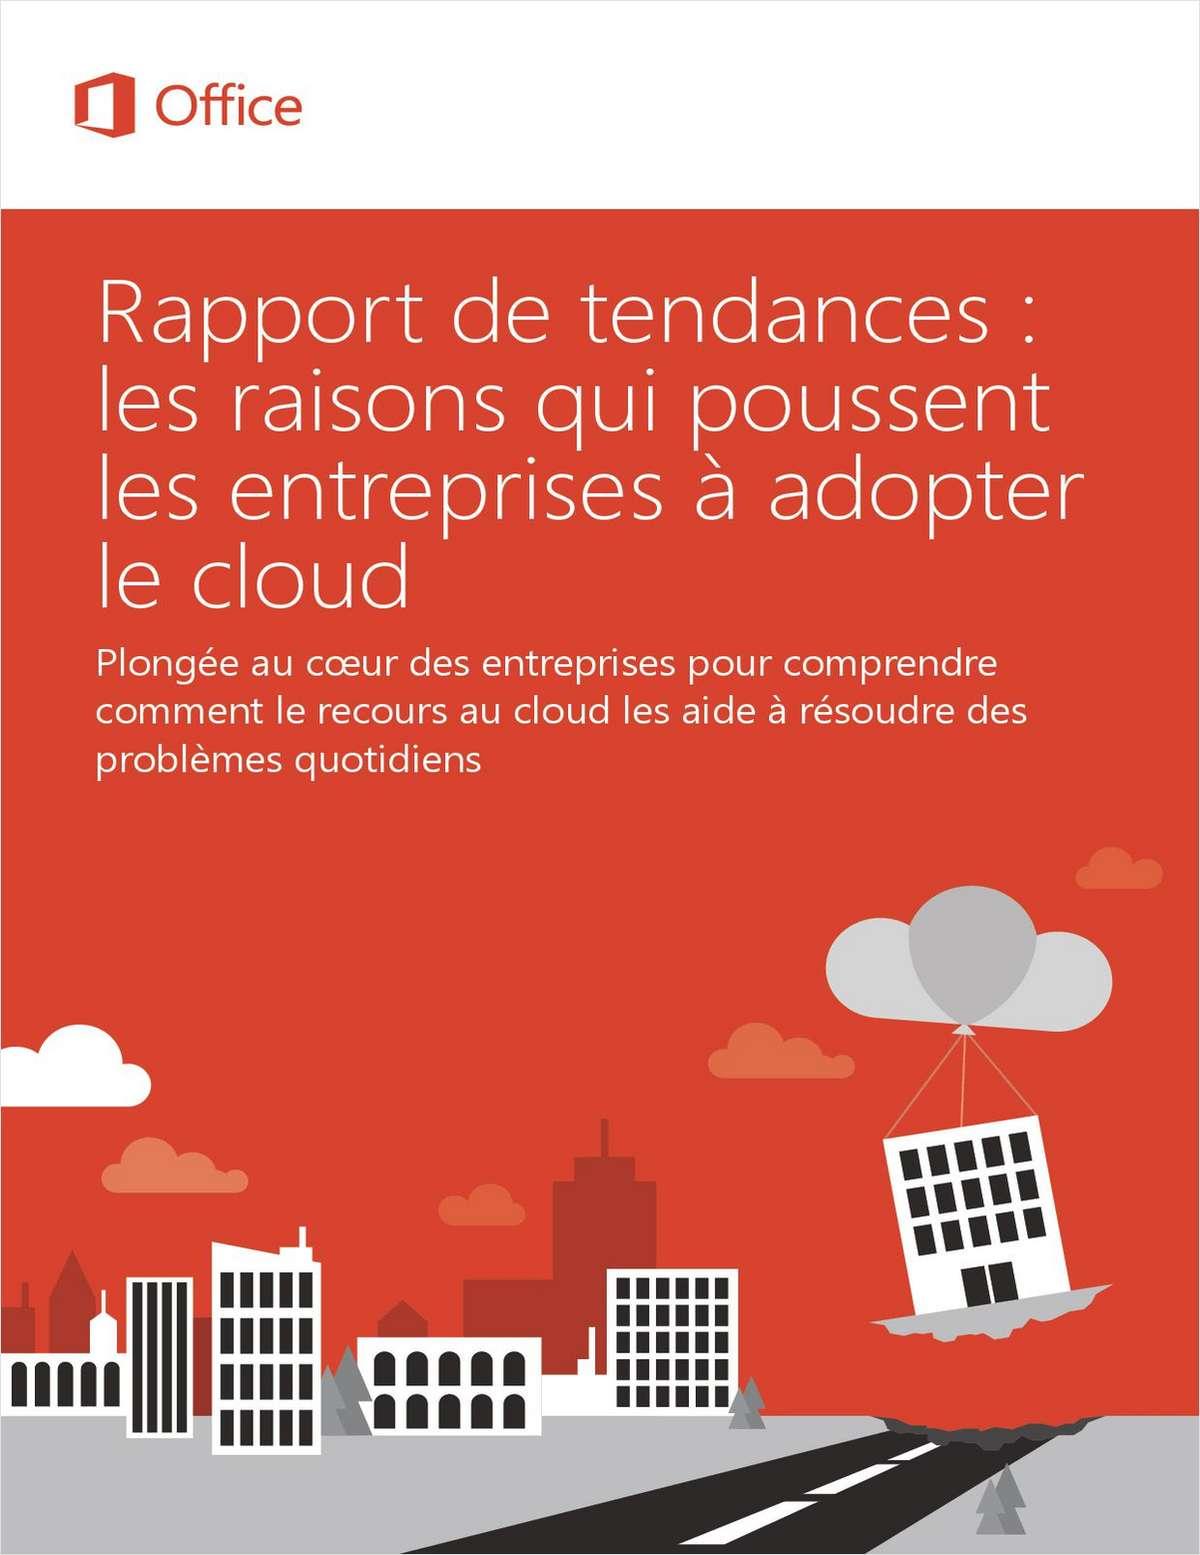 Découvrez les raisons pour lesquelles un nombre toujours plus grand d'entreprises réussisent leur transition vers le cloud